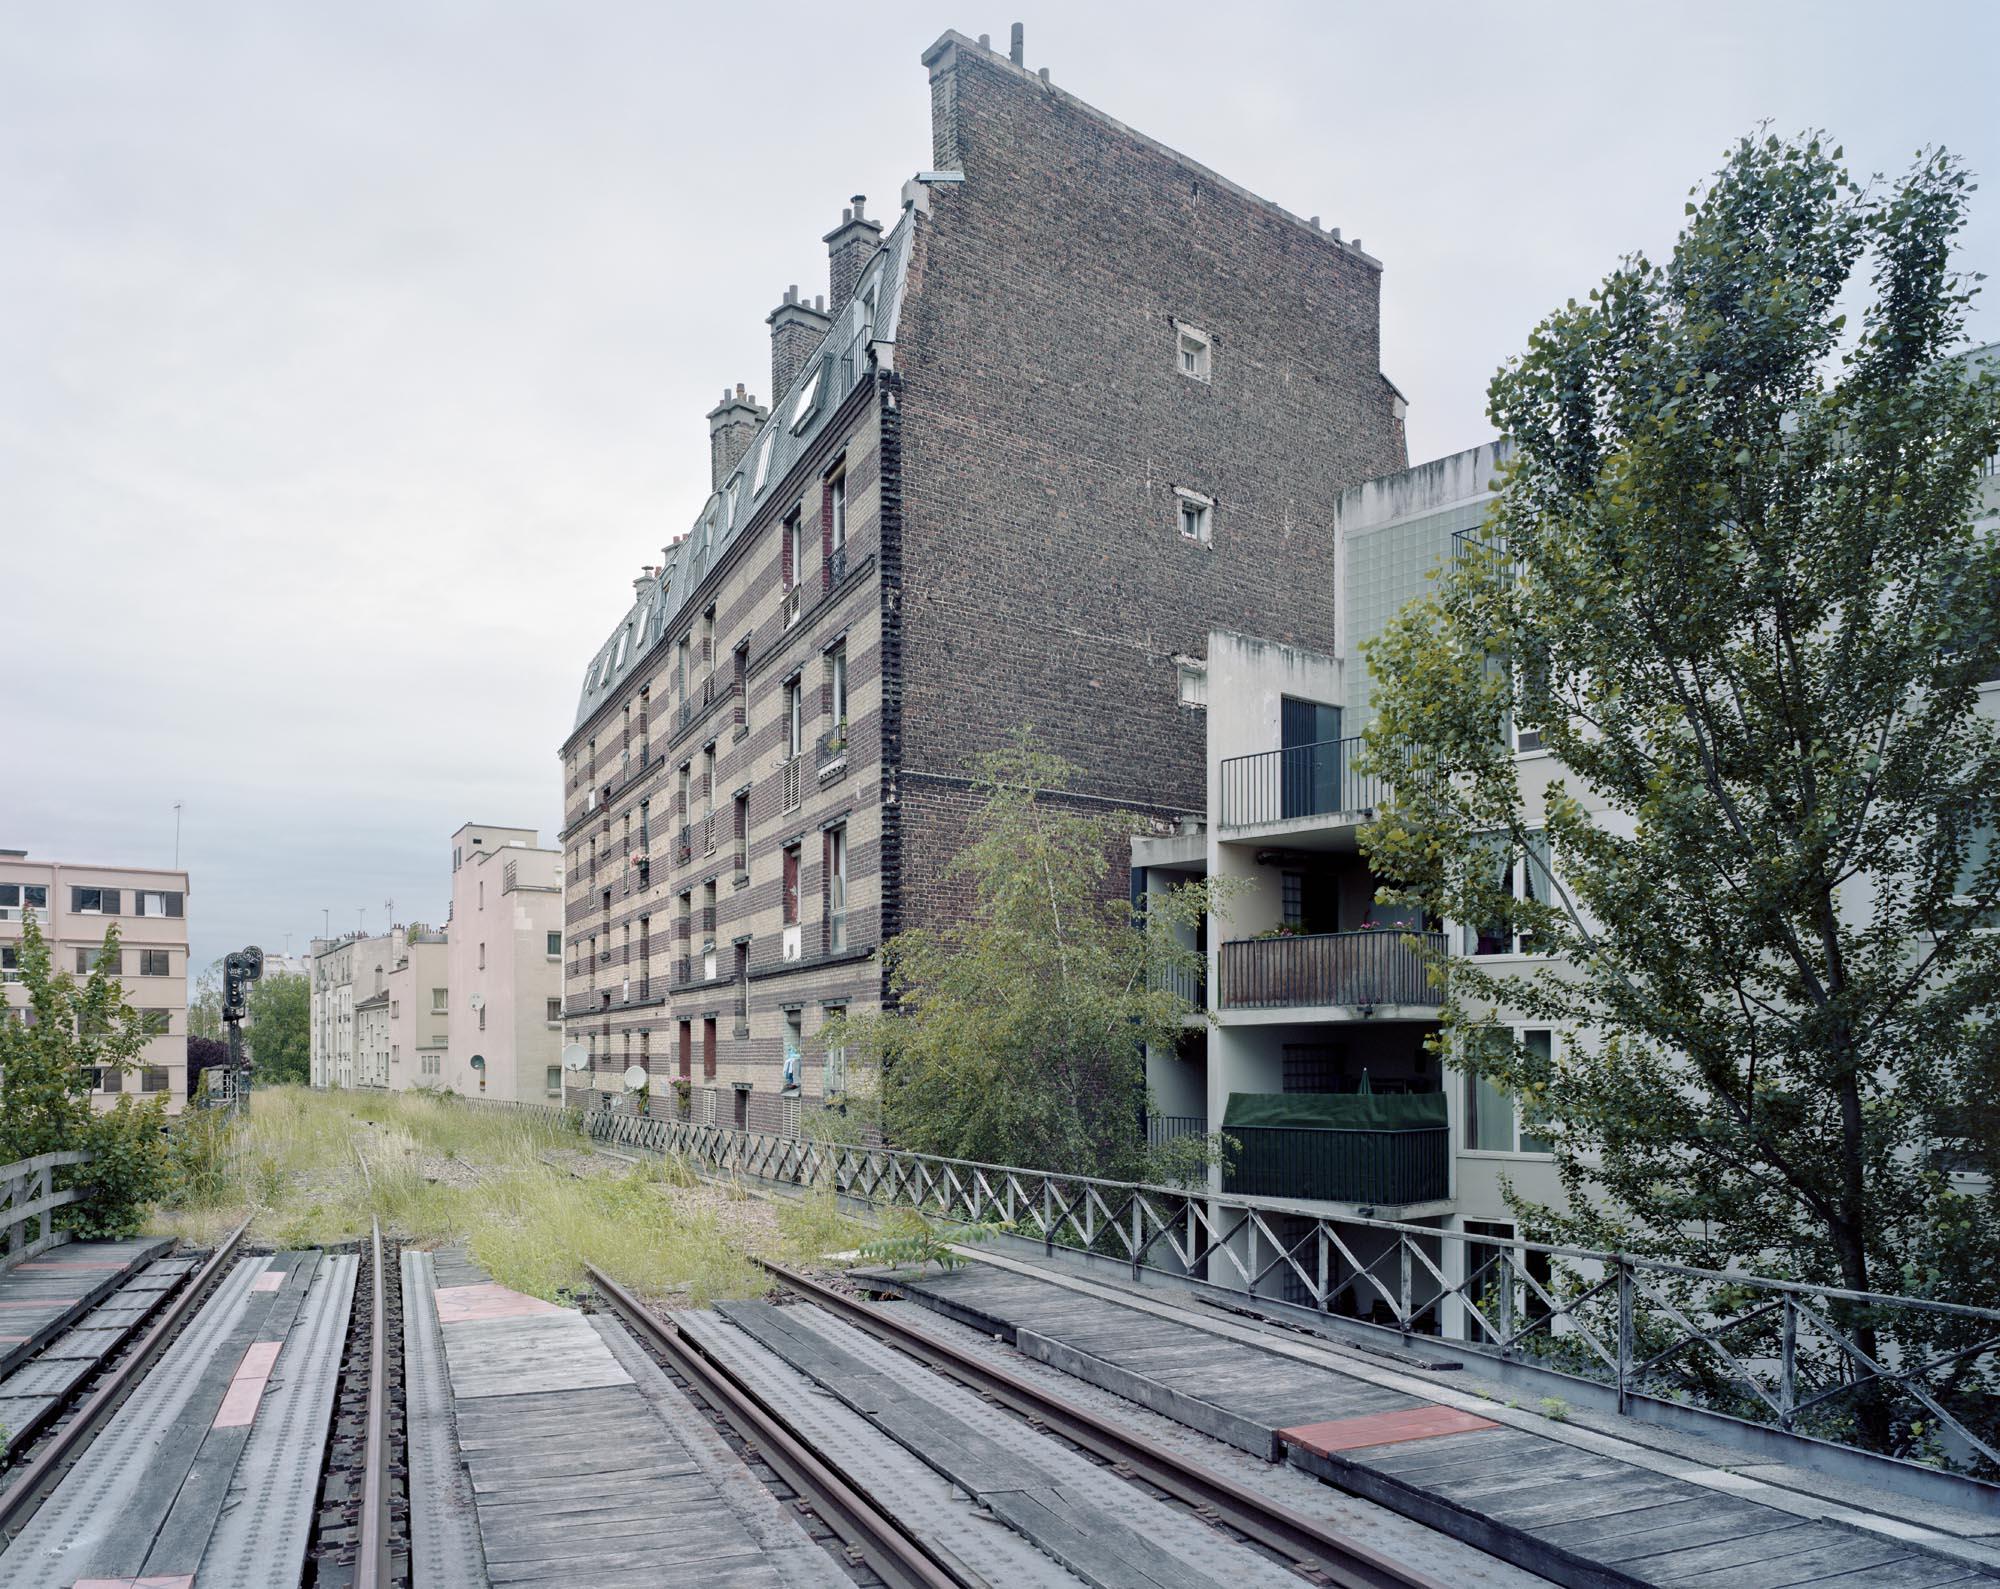 [摄影] 巴黎小腰带铁路 看160年峰回路转(36P) - 路人@行者 - 路人@行者